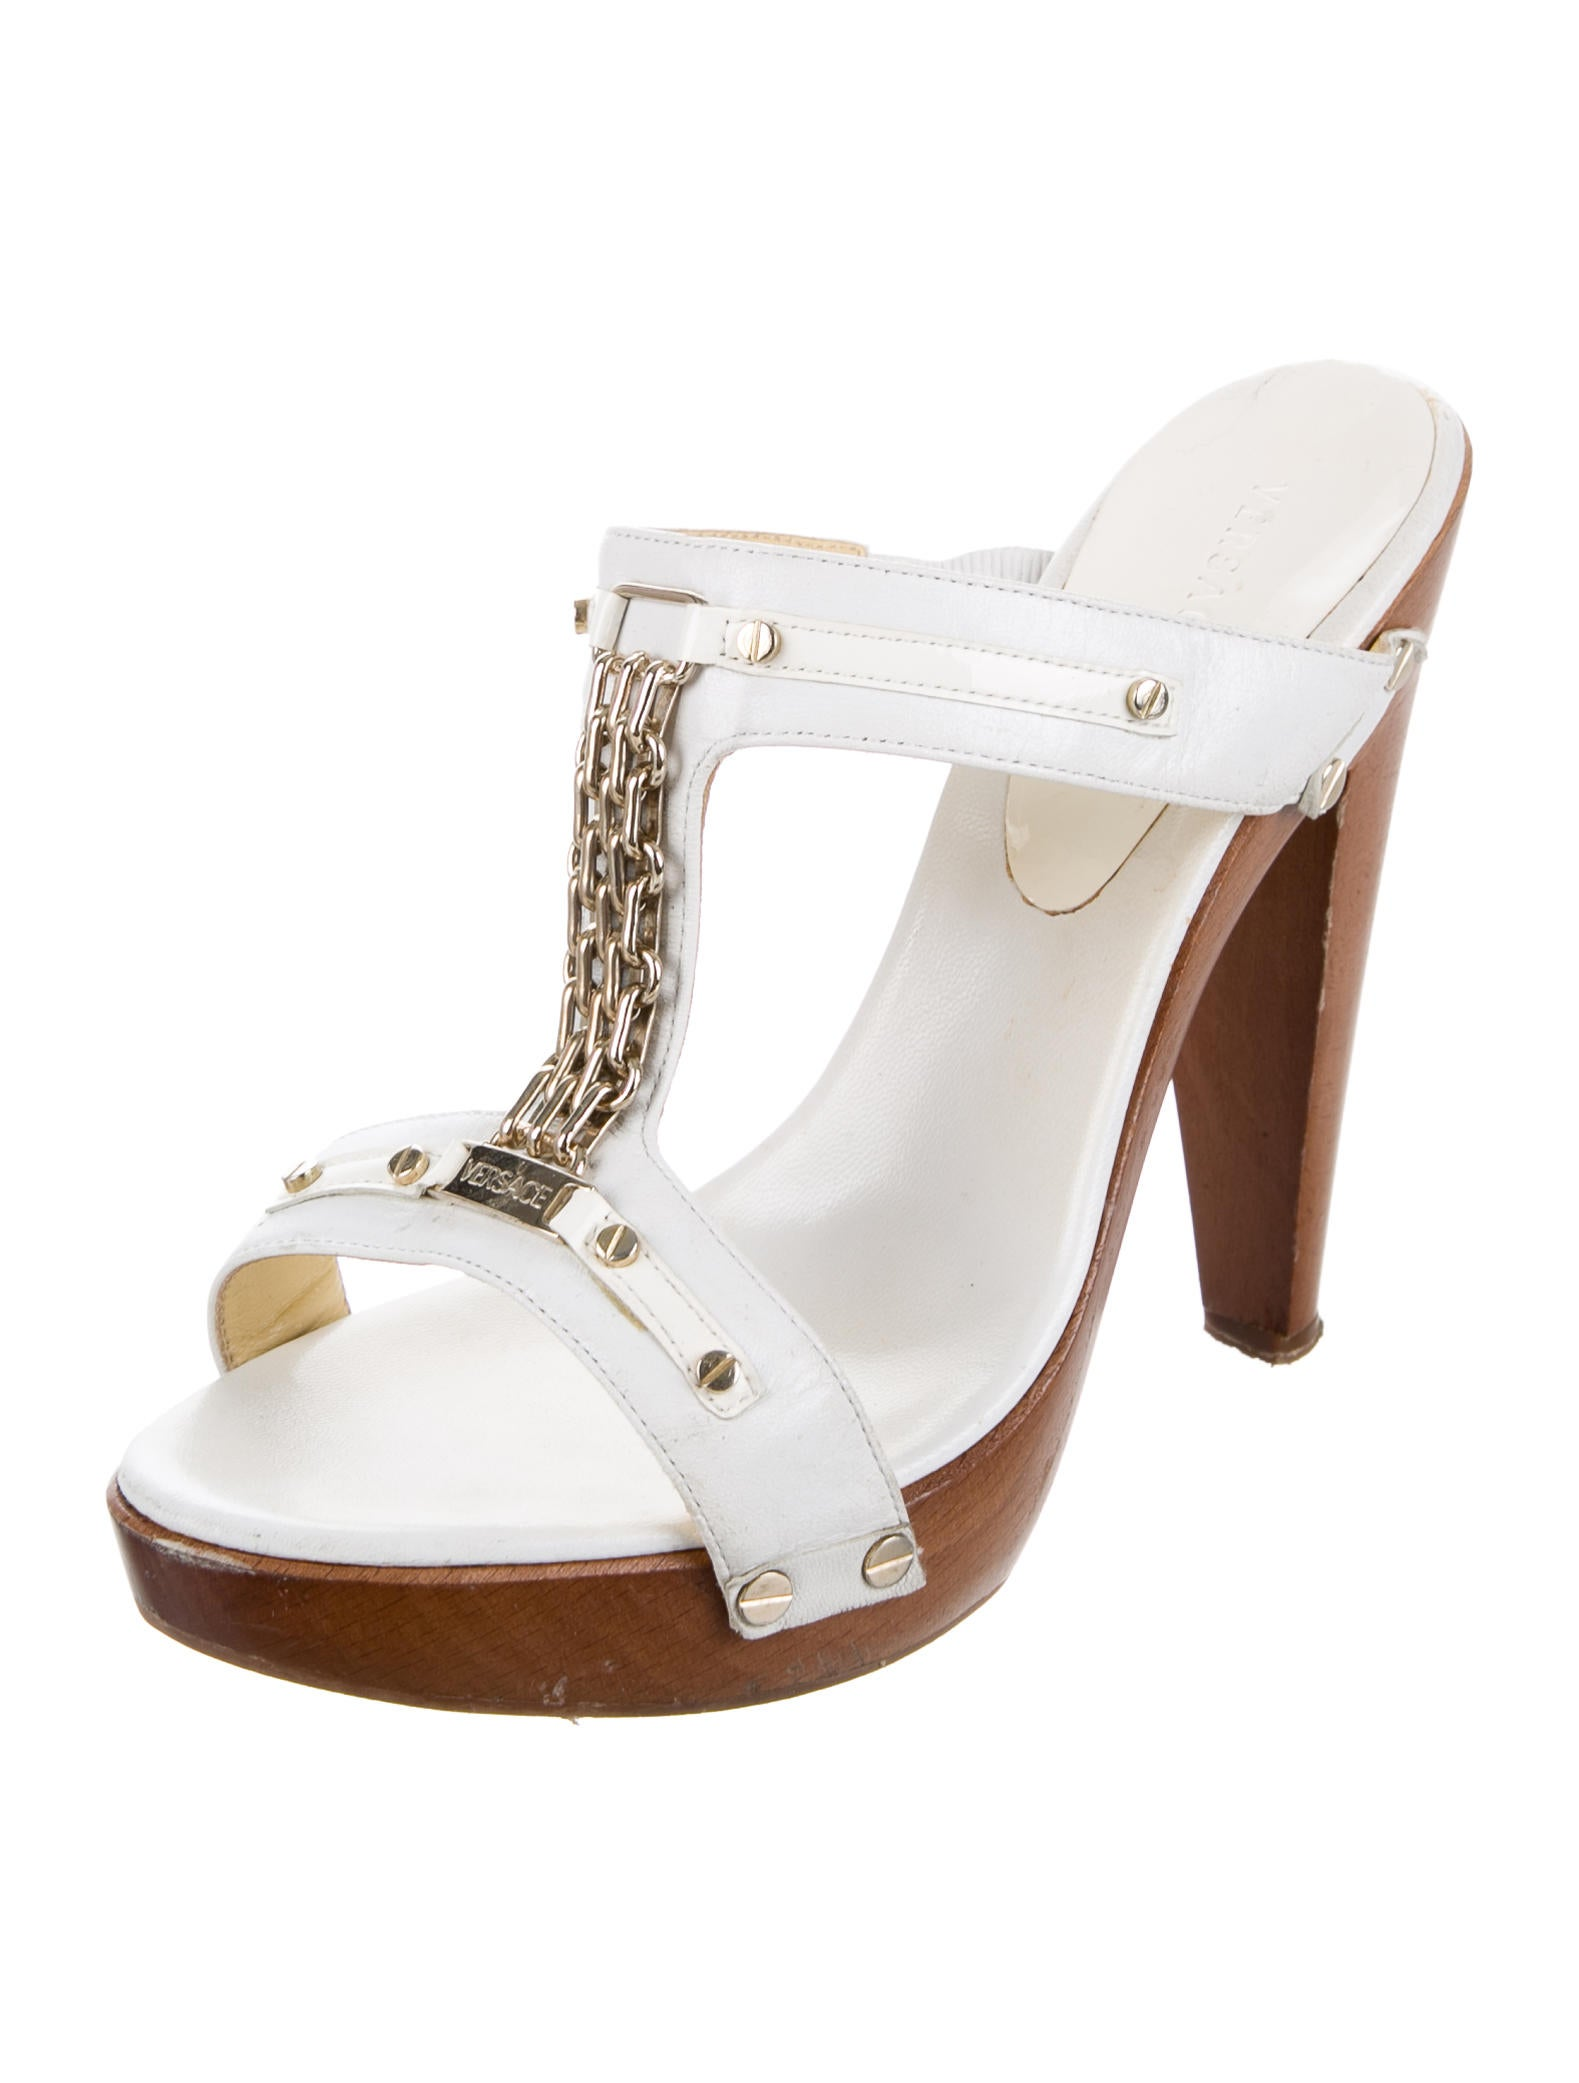 Versace Slide Platform Sandals - Shoes - VES29652 | The RealReal